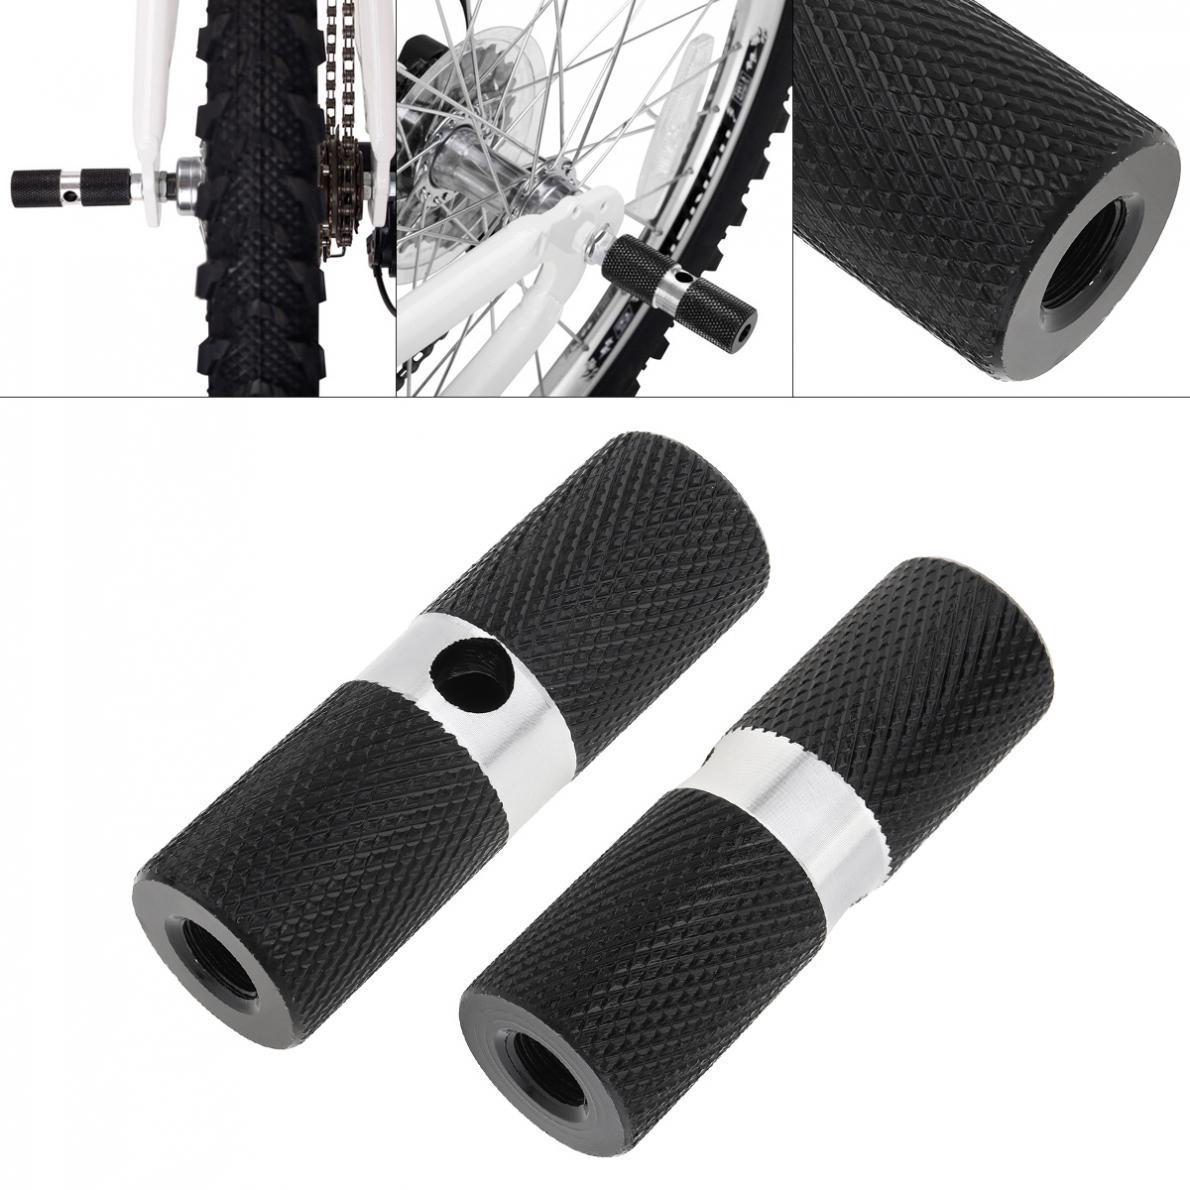 1 пара велосипедная педаль алюминиевая Нескользящая Передняя Задняя ось подножки BMX подножка рычаг цилиндр Аксессуары для велосипеда